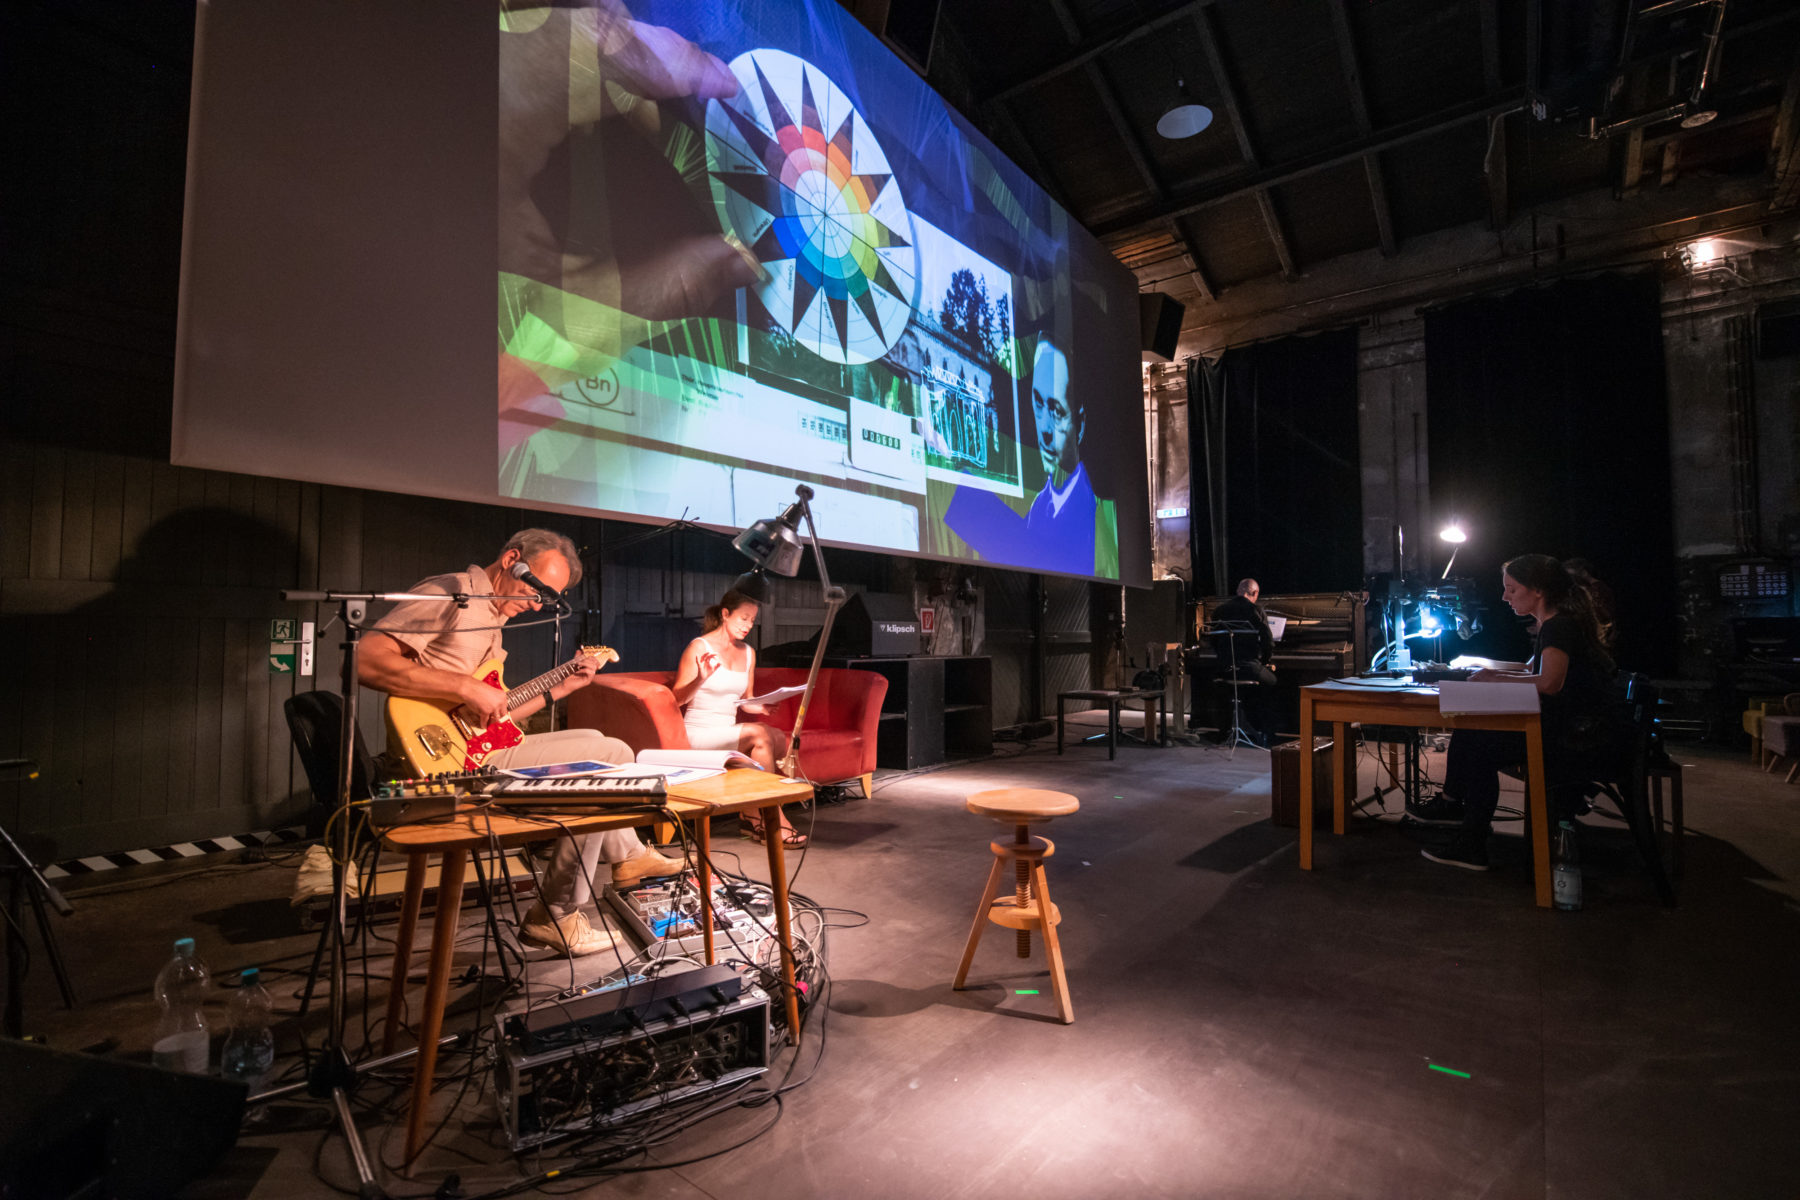 """21.08.2018 Weimar: GP des Livefilms """"Ohne Farbe geht nichts!"""" im Lichthaus Kino im Rahmen des Kunstfest Weimar. Foto: Thomas Müller"""